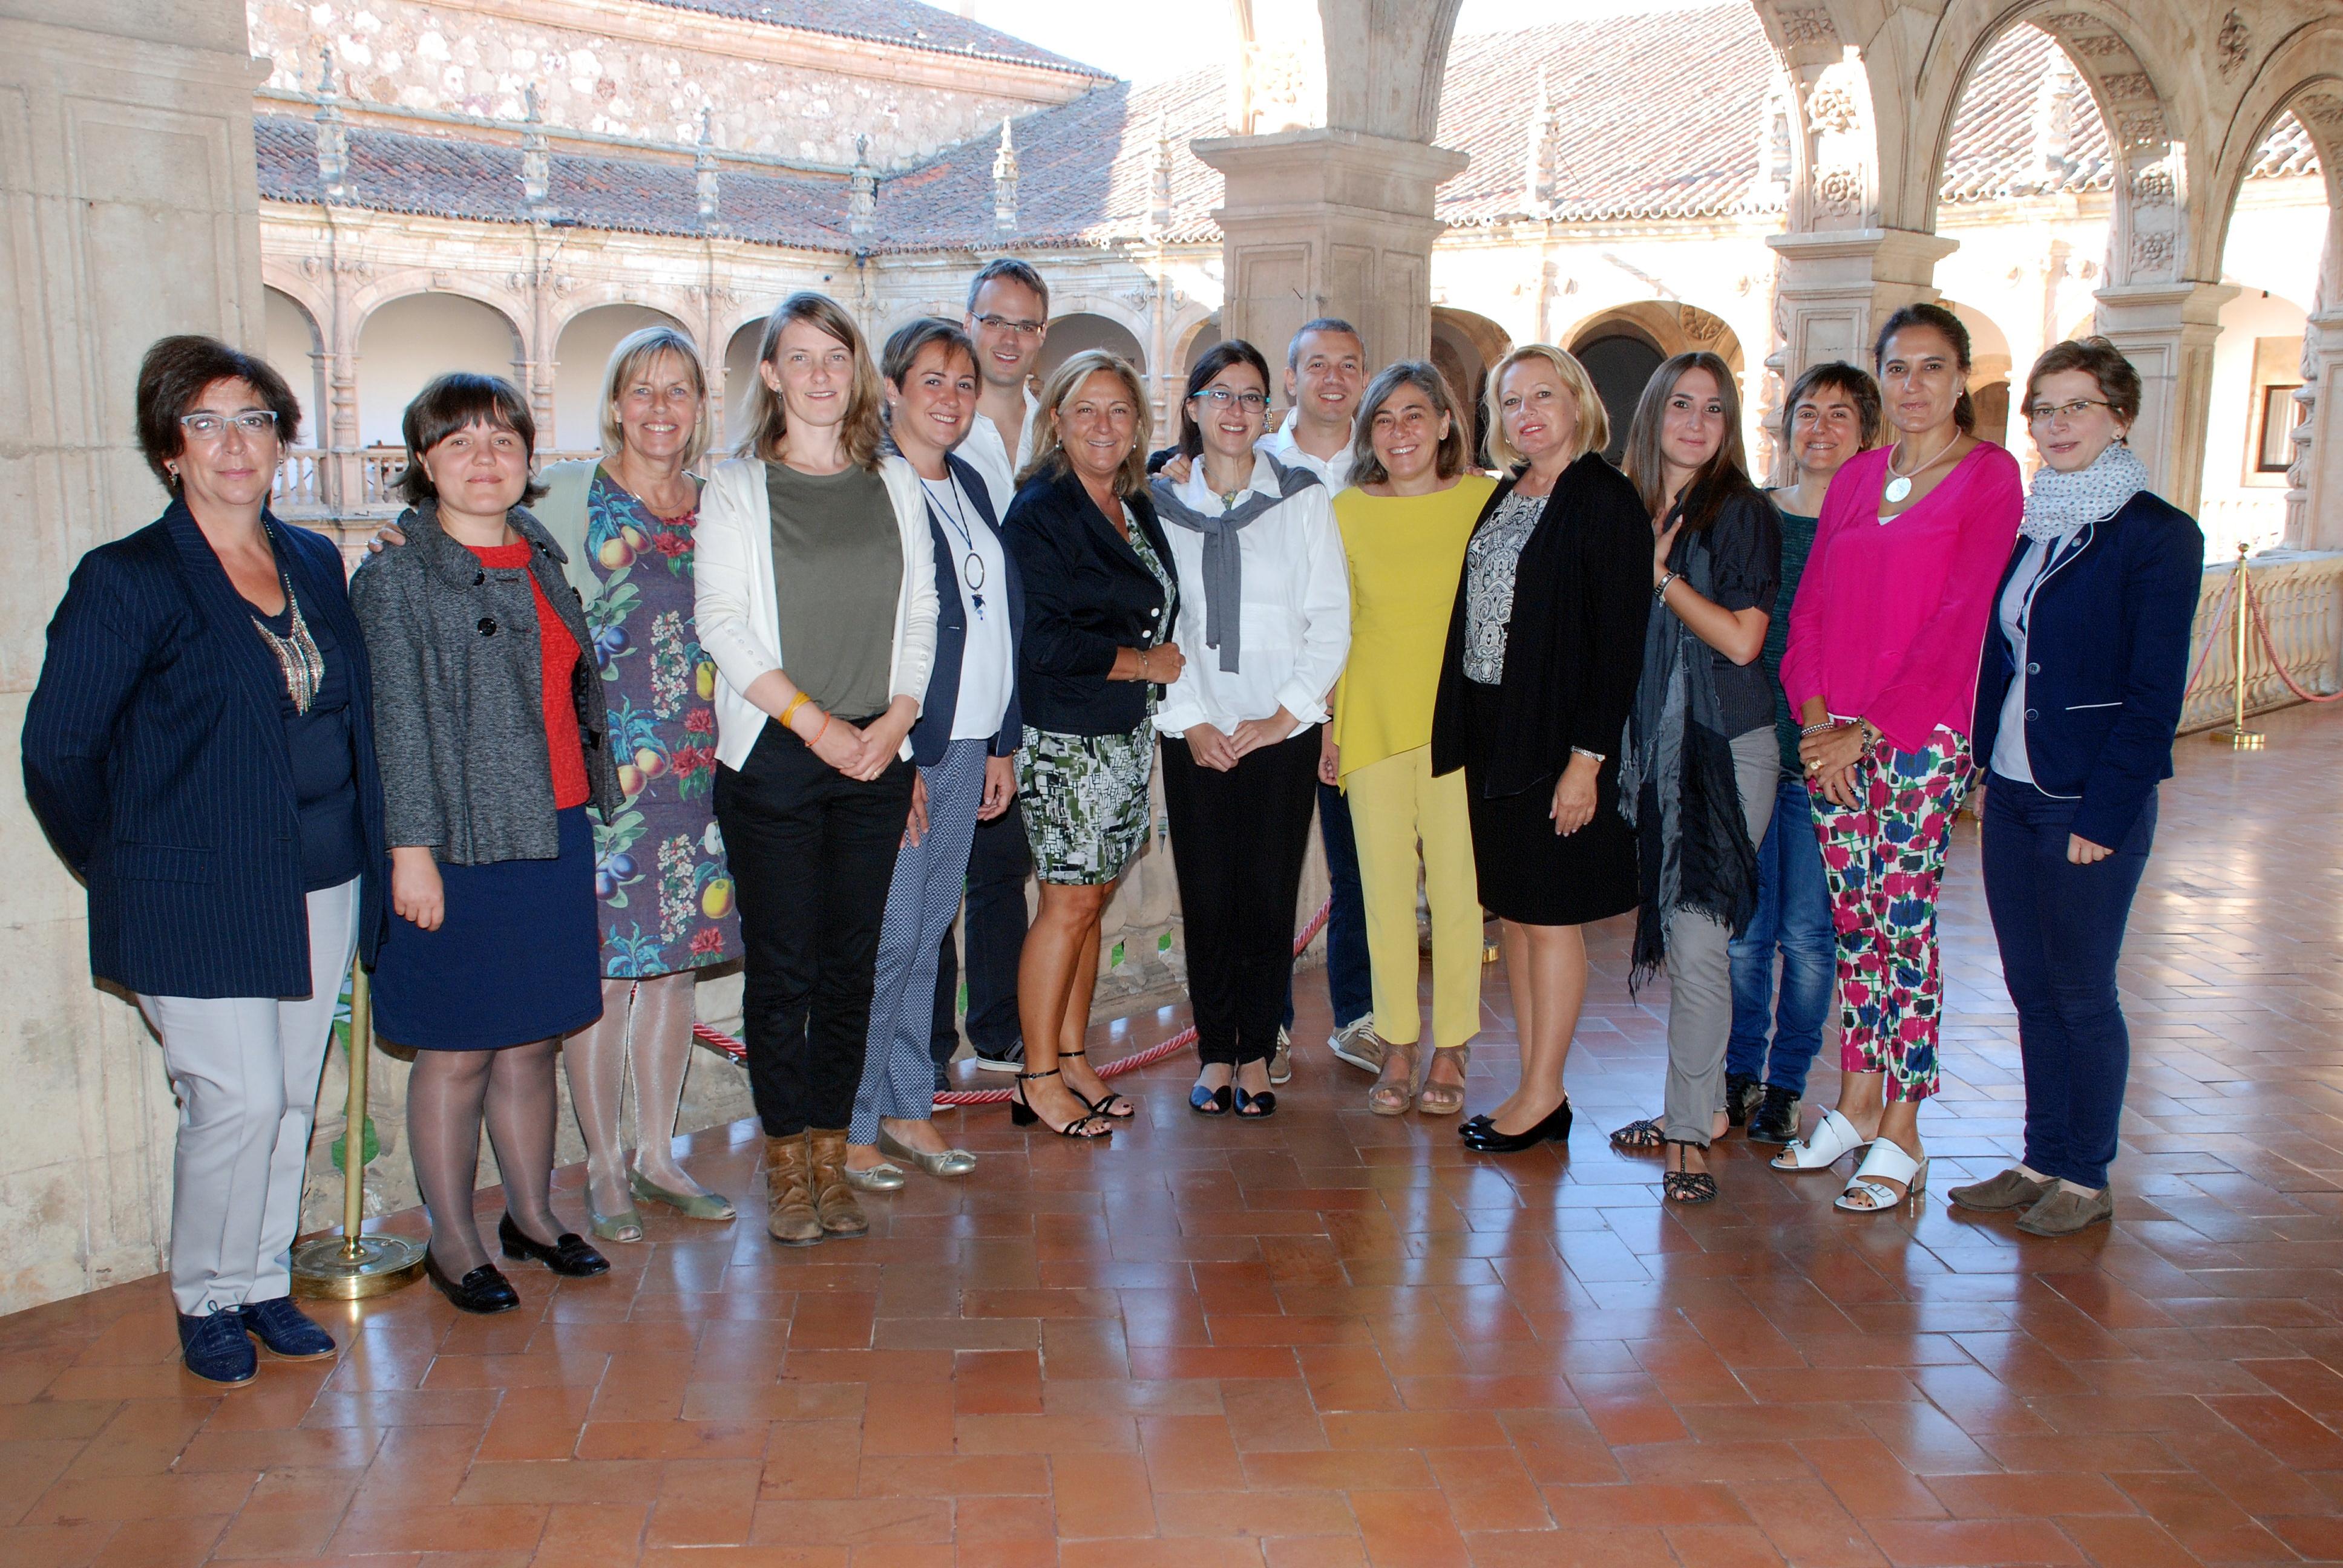 La Universidad de Salamanca acoge la reunión del Programa ICARD, en el marco de la iniciativa europea Erasmus+